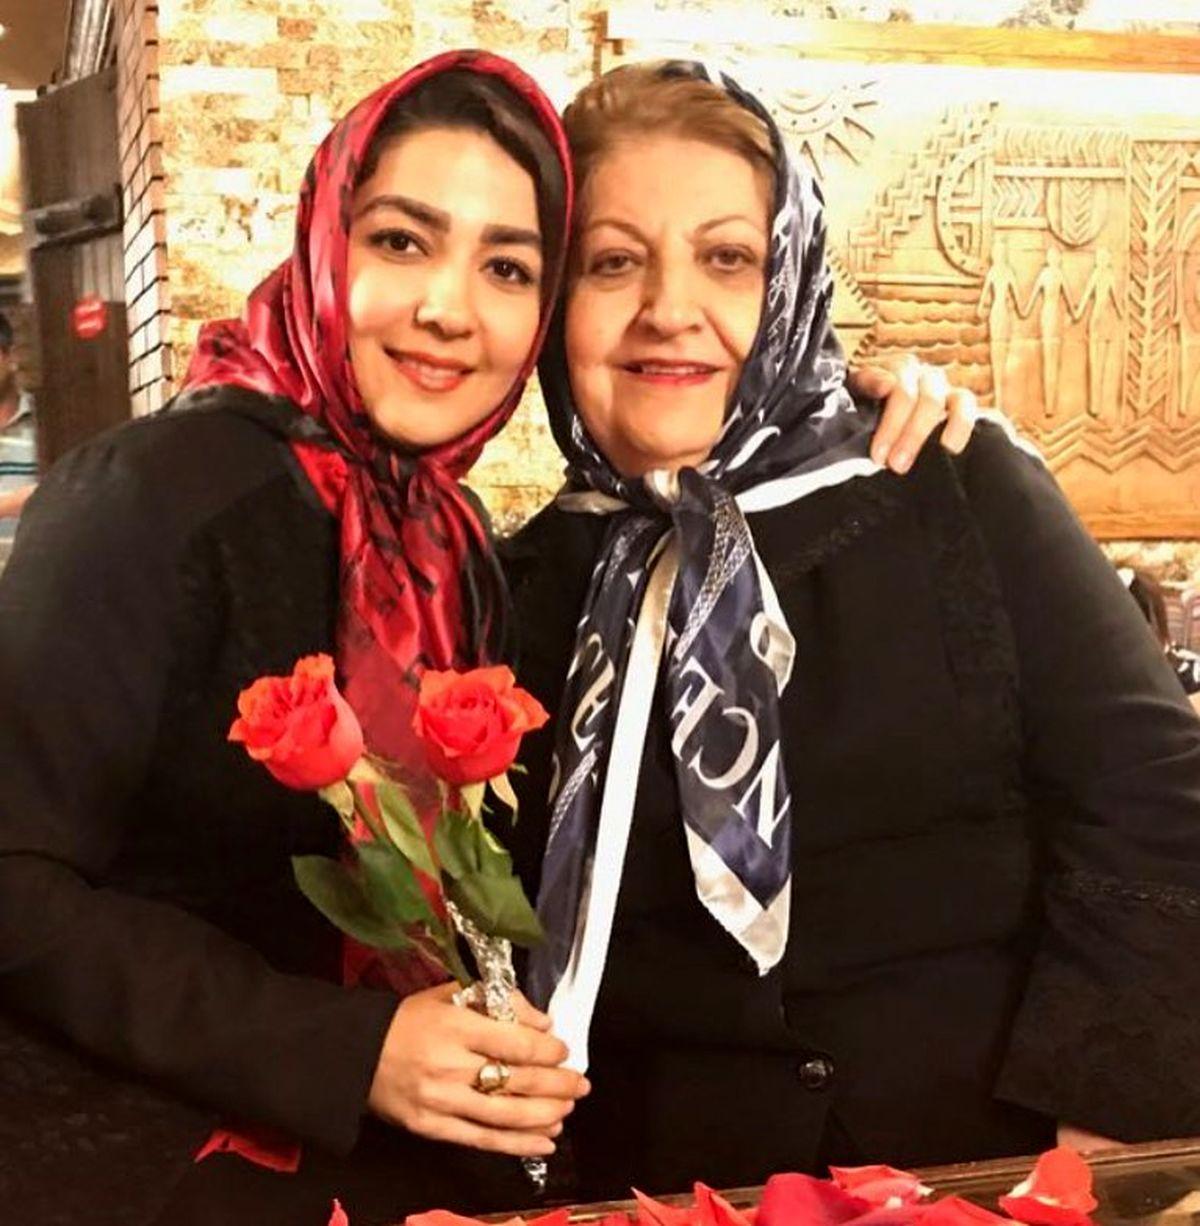 تولد لاکچری دختر سارا صوفیانی / فاصله سنی عجیب سارا با همسرش امیرحسین / تصاویر